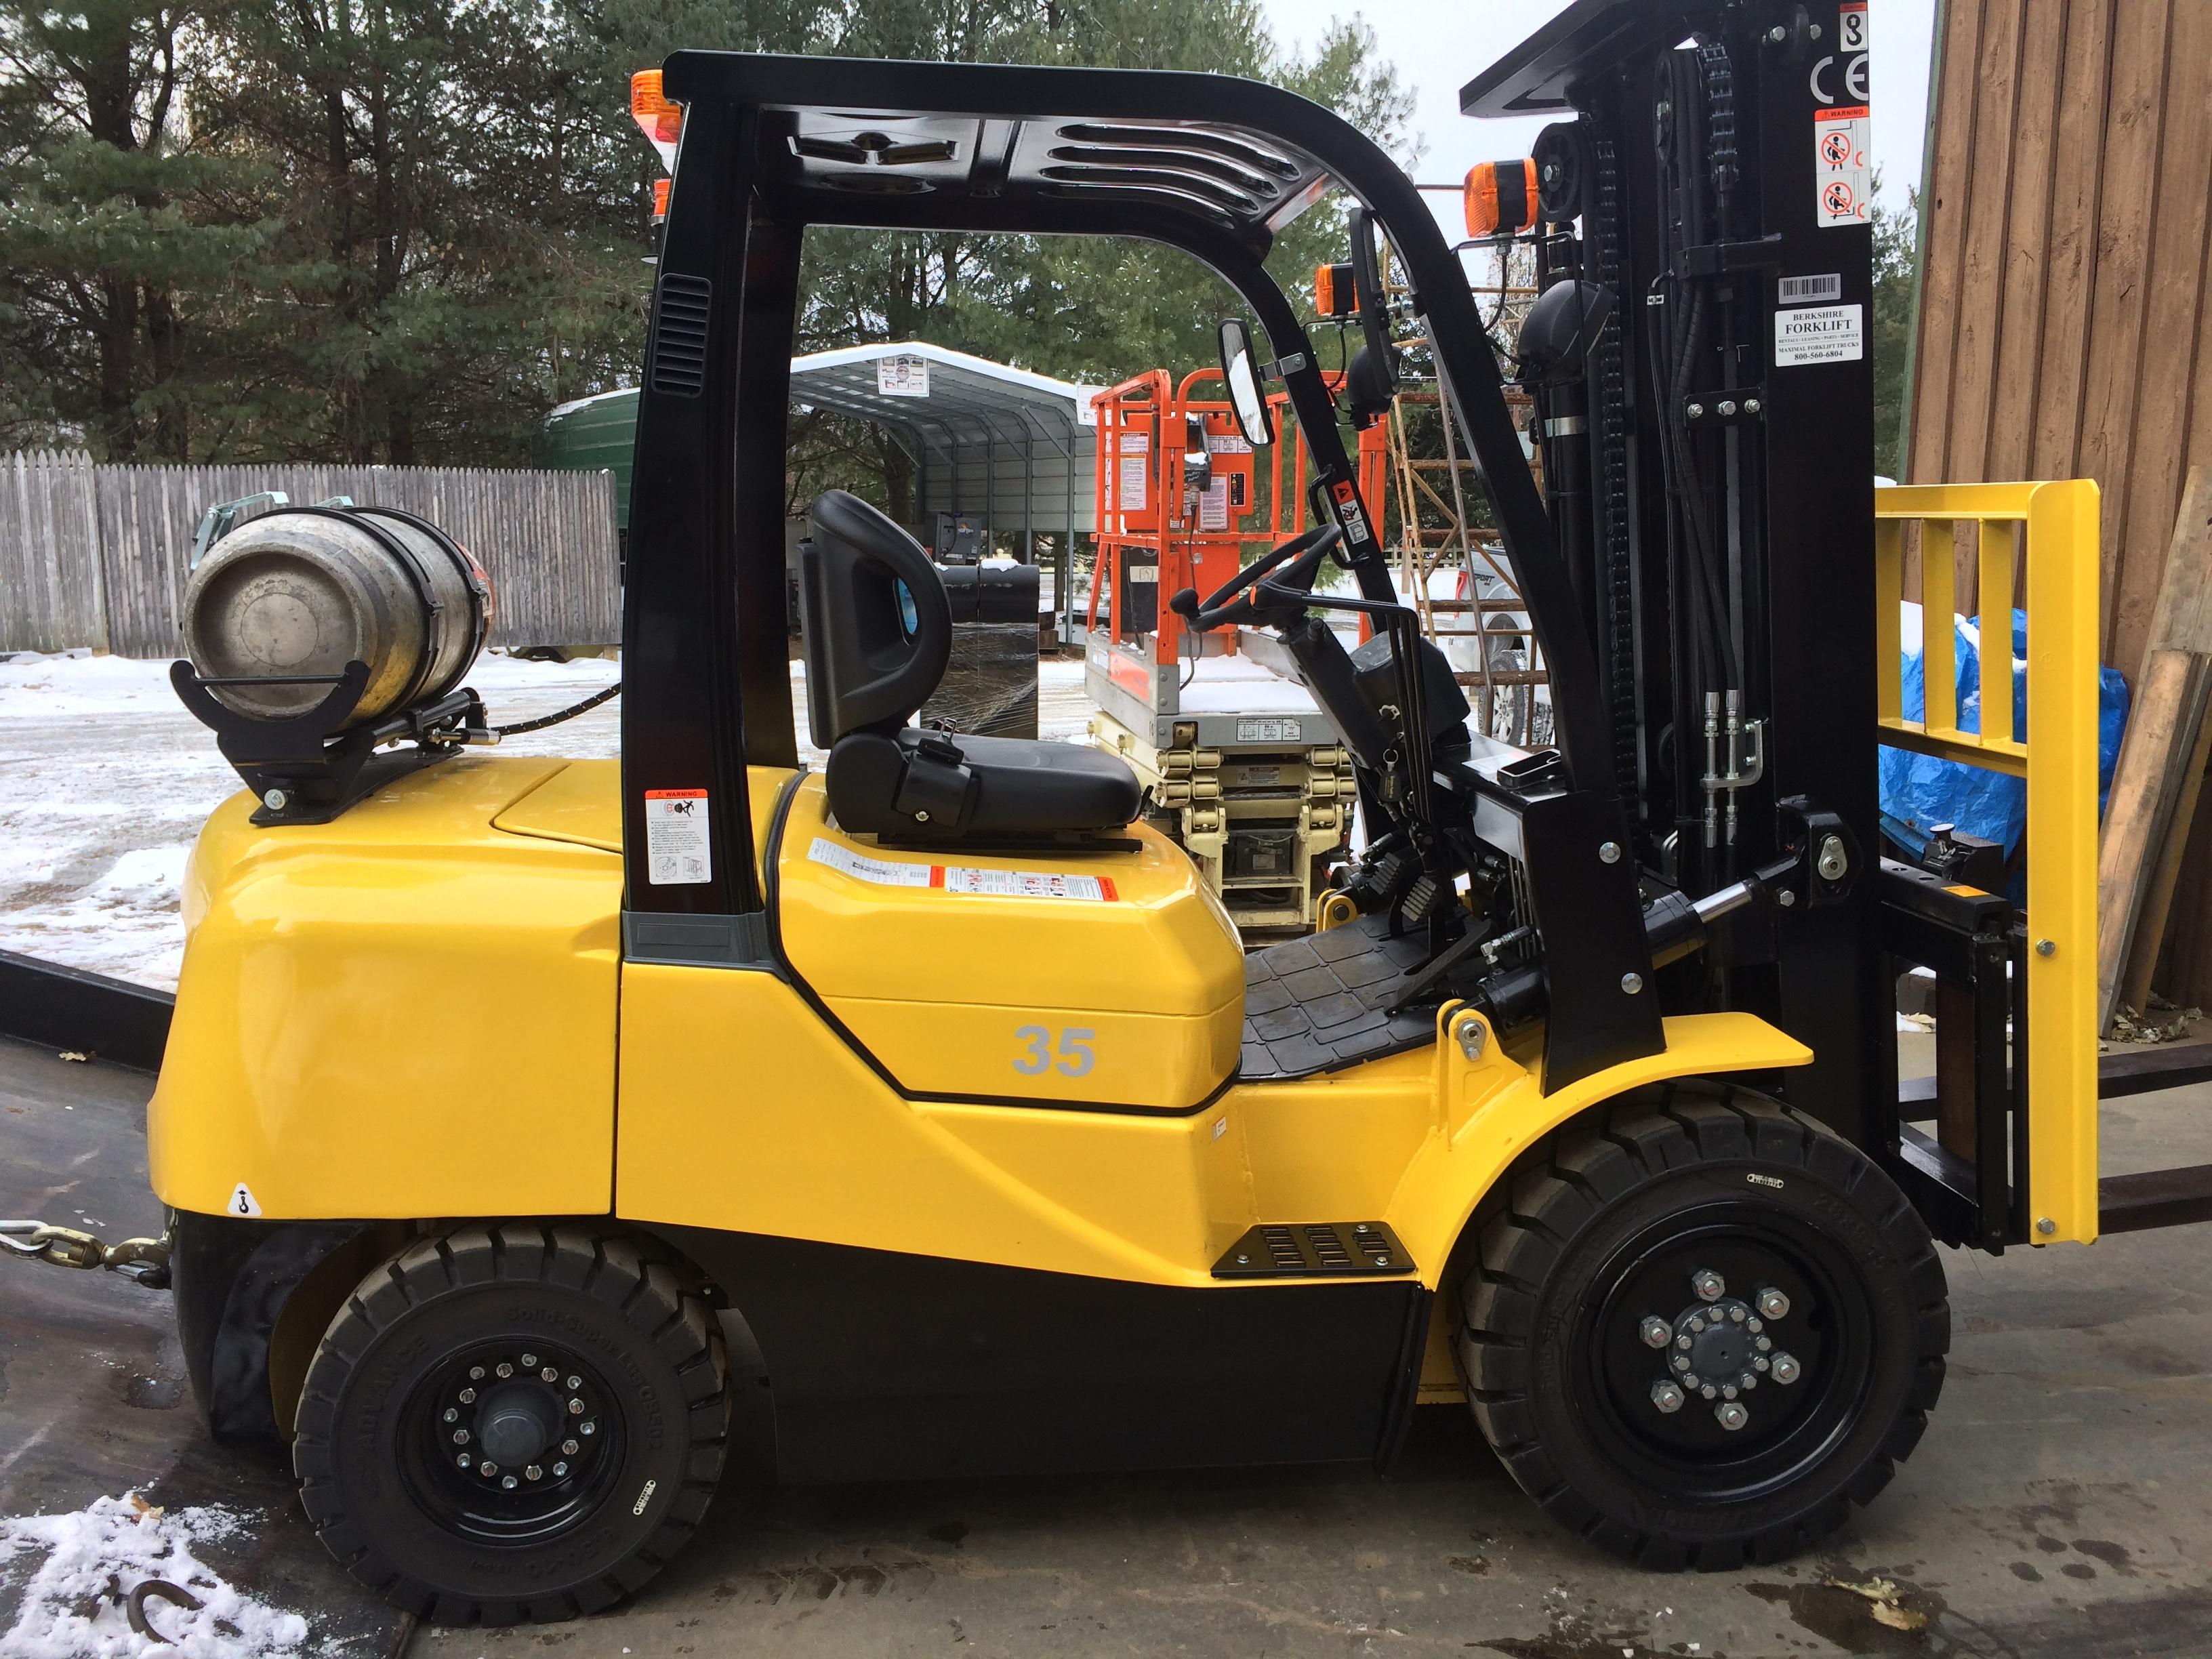 Berkshire Forklift - New Forklifts